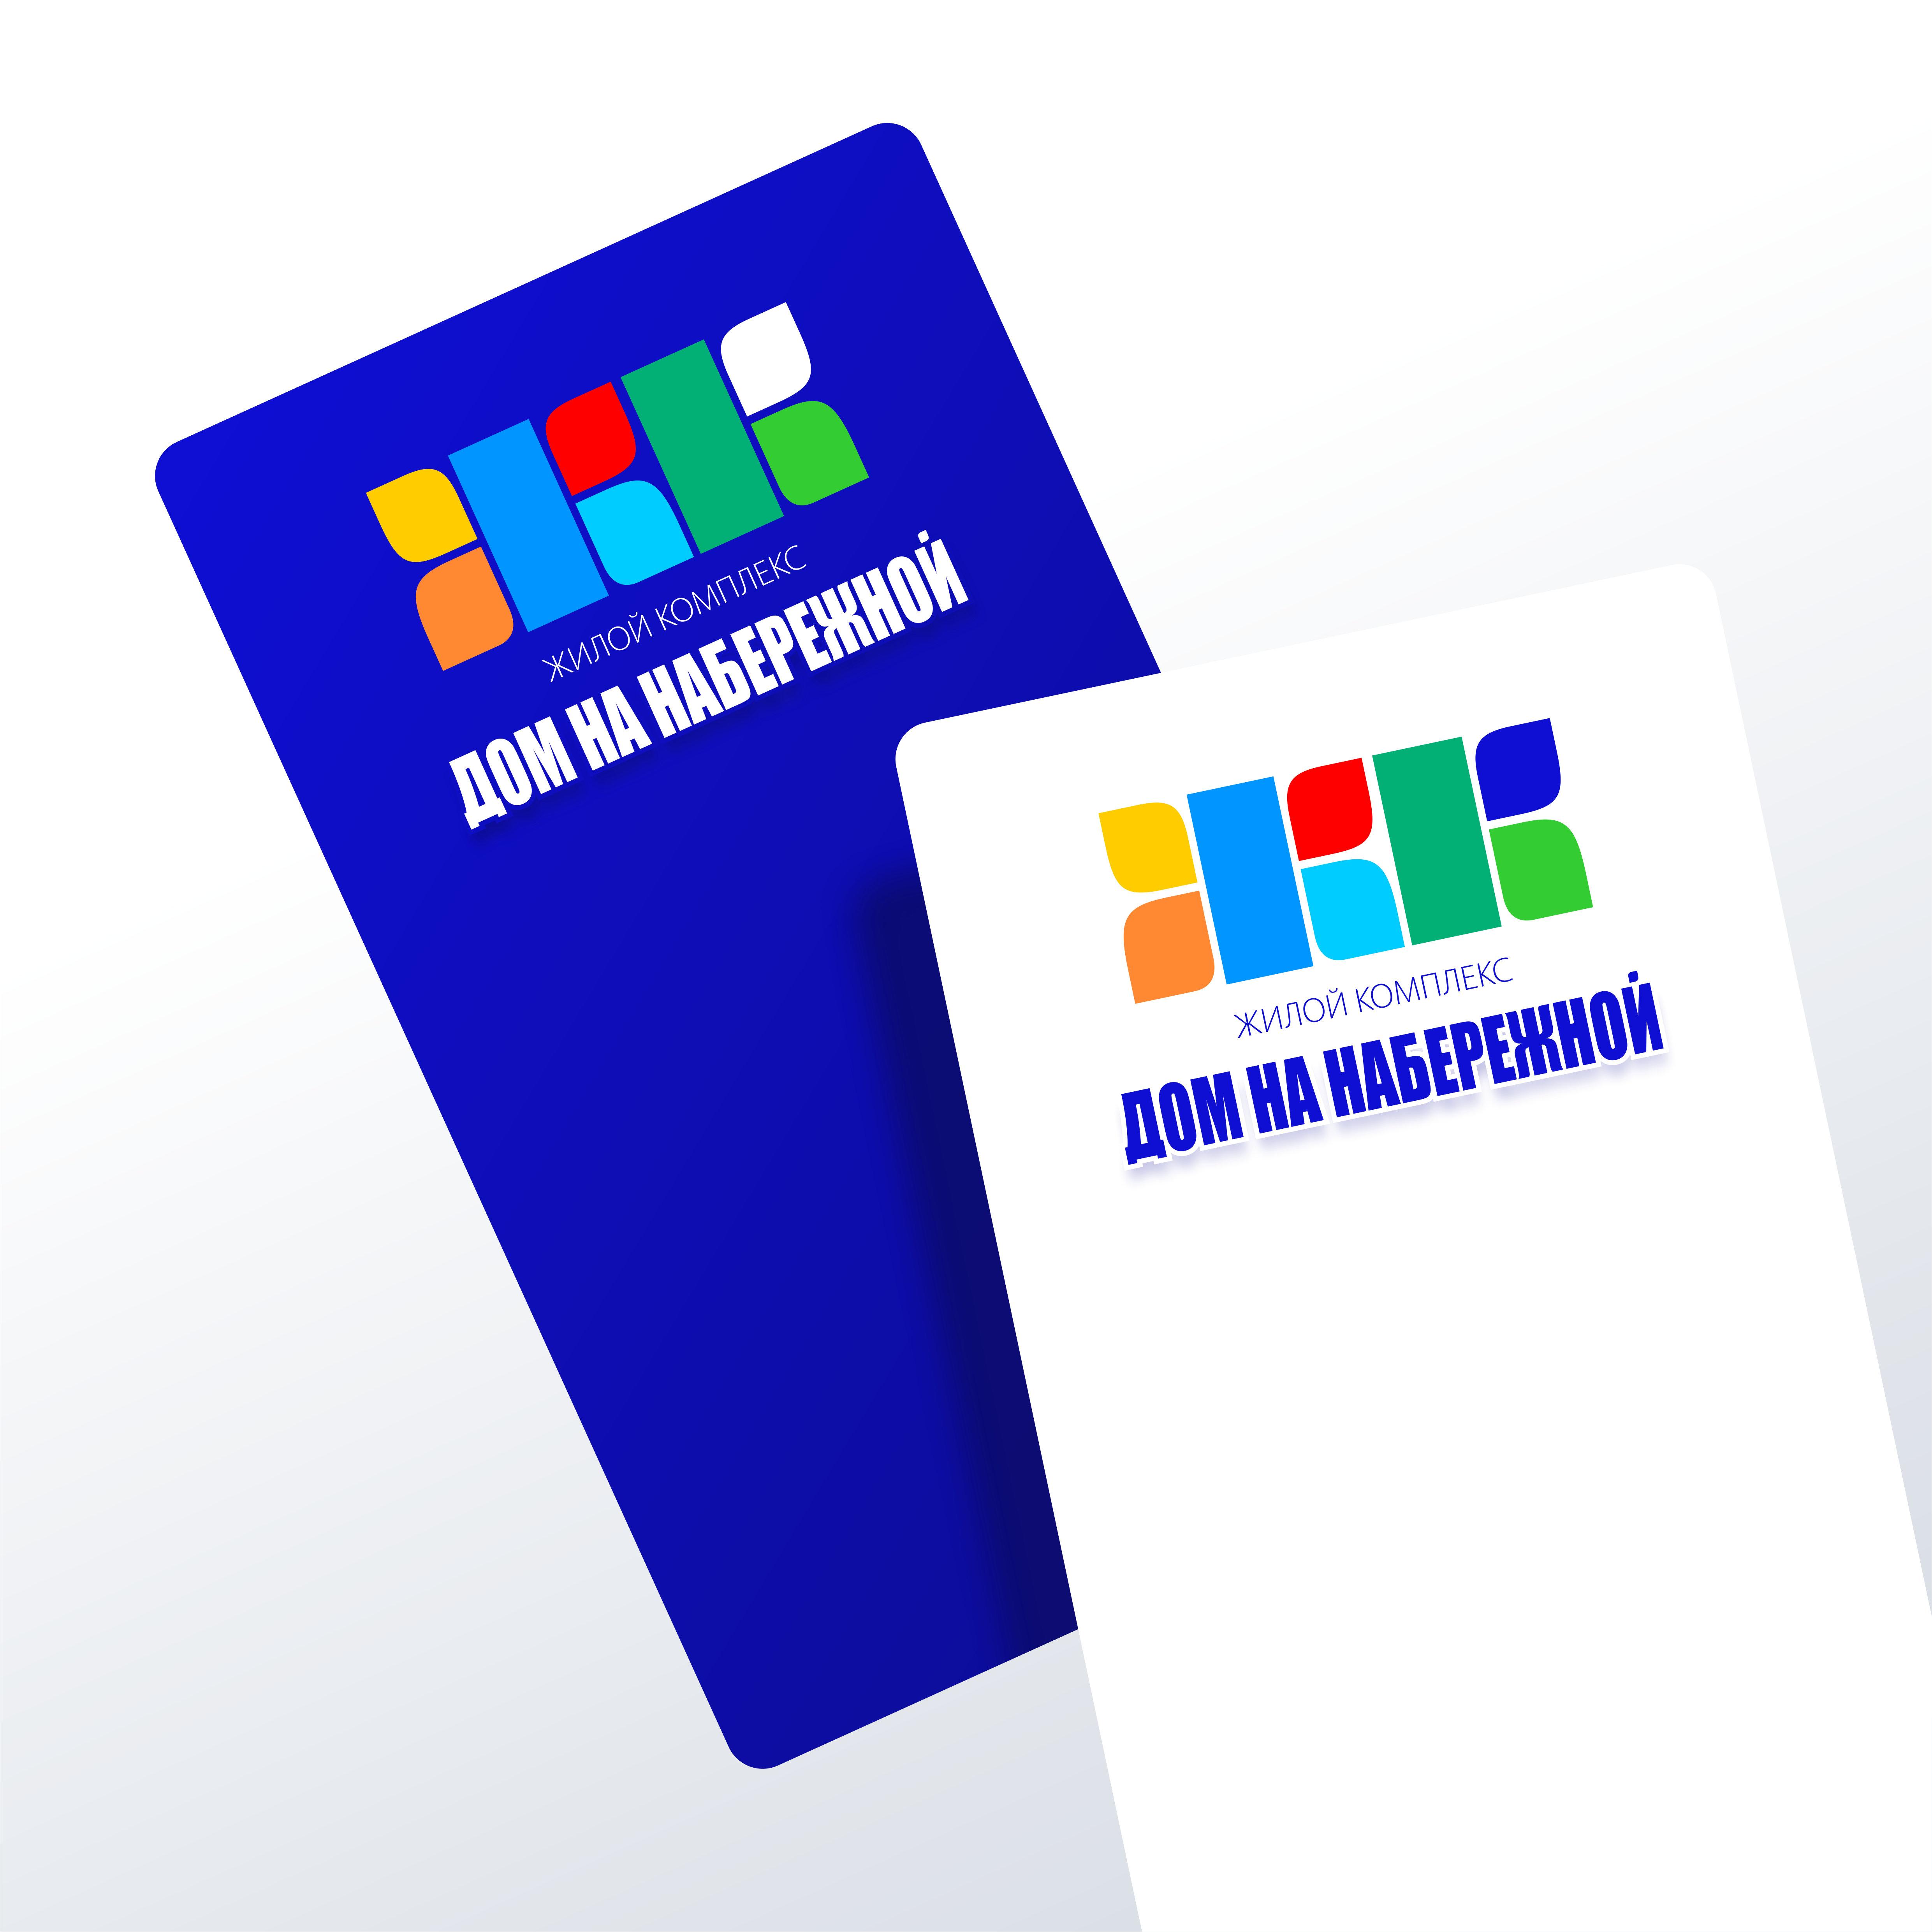 РАЗРАБОТКА логотипа для ЖИЛОГО КОМПЛЕКСА премиум В АНАПЕ.  фото f_4495deb769e3e68d.jpg